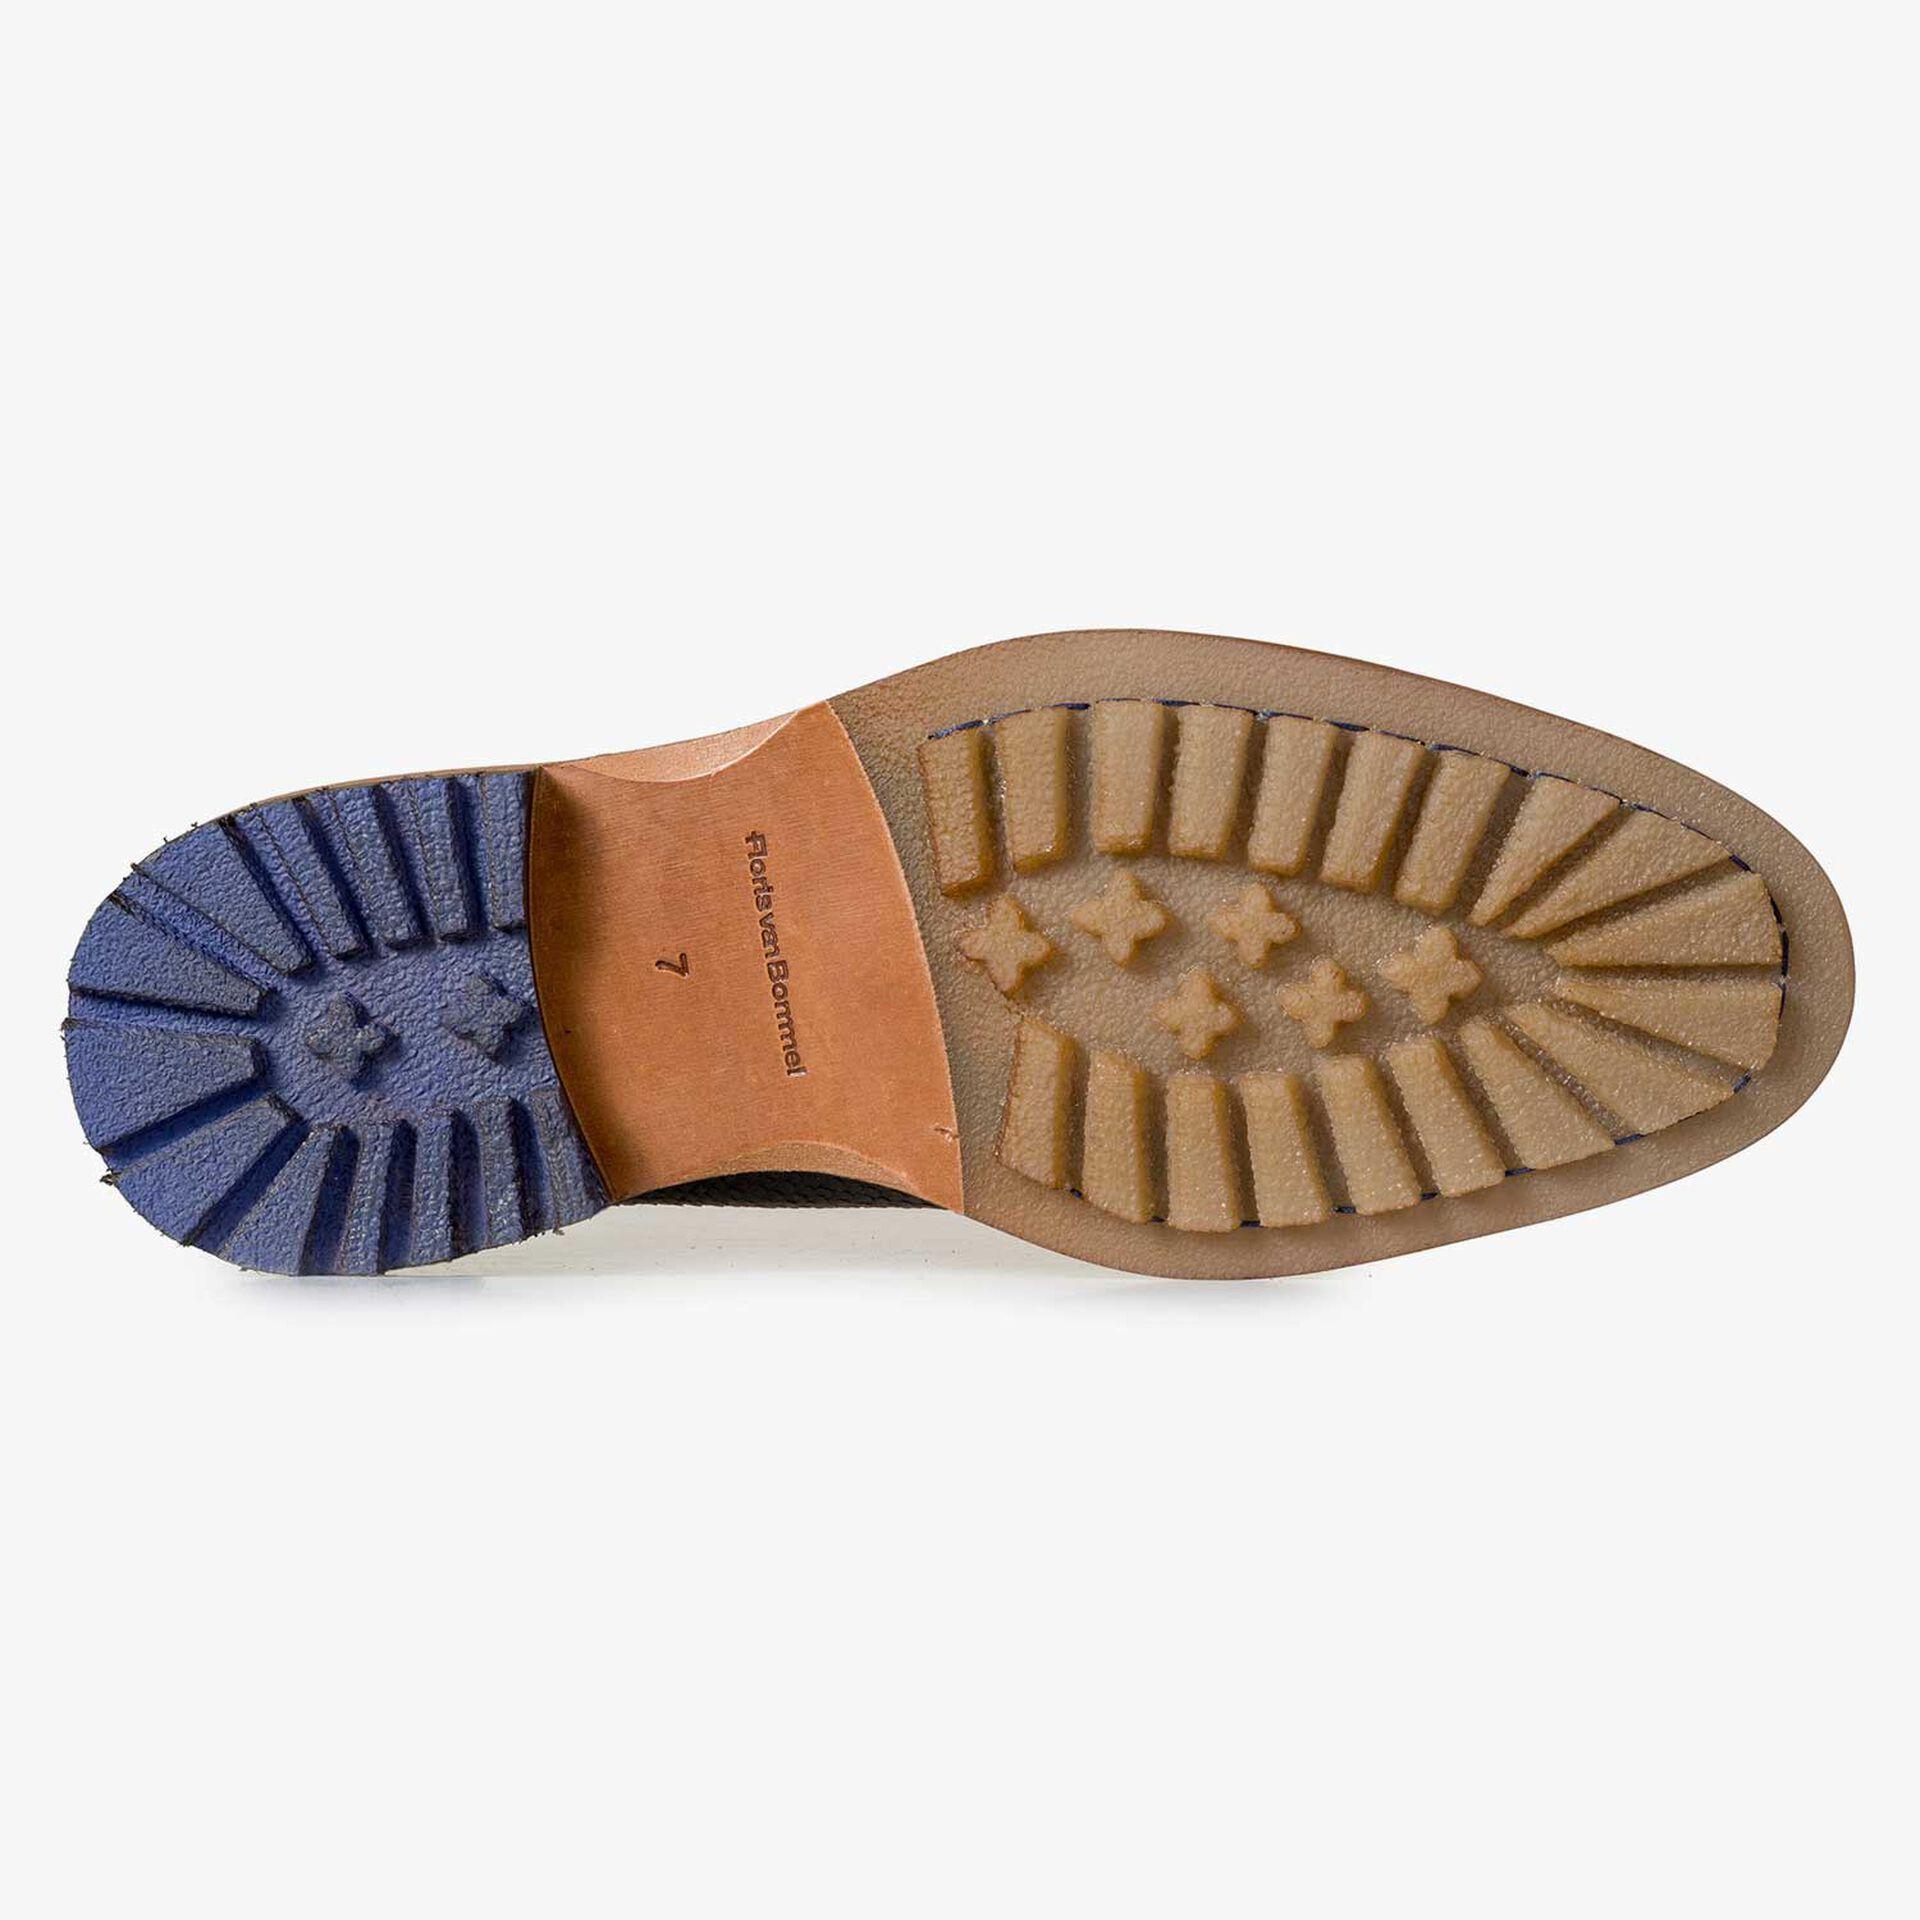 Grijze leren chelsea boot met snakeprint